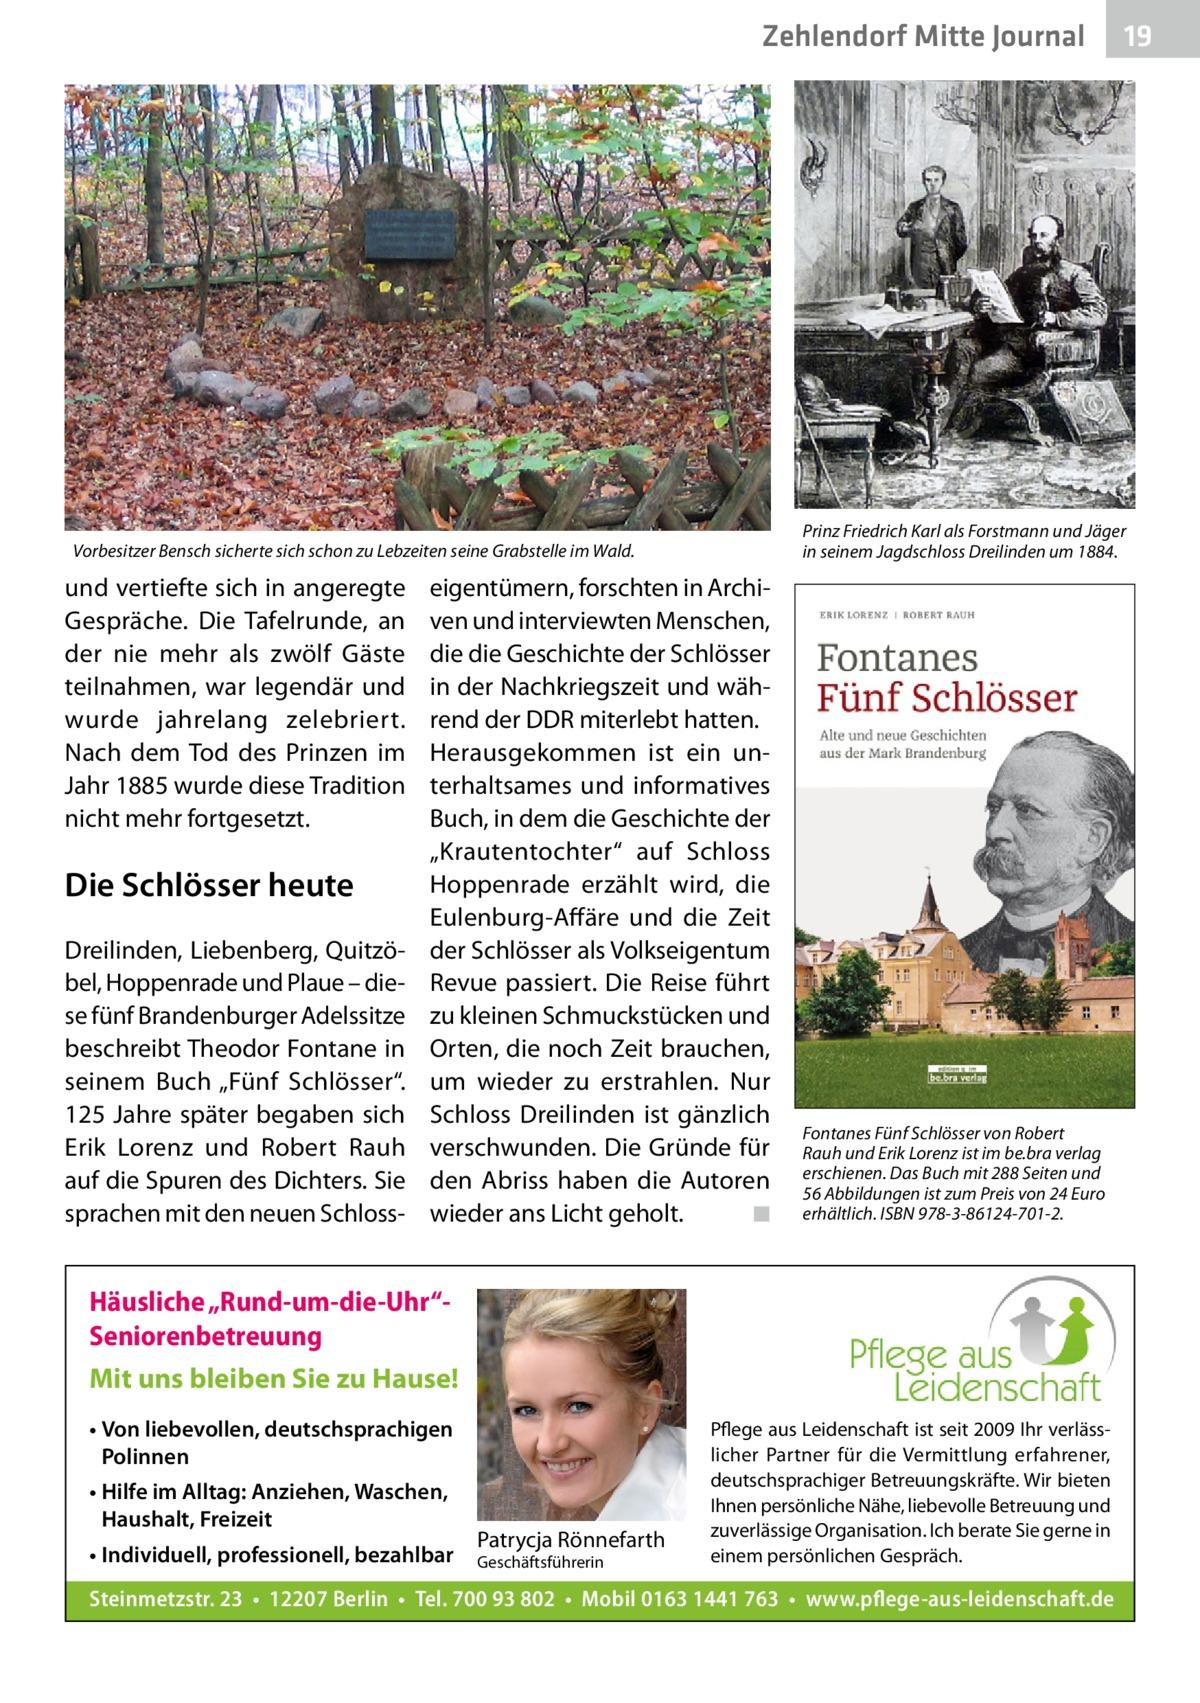 """Zehlendorf Mitte Journal  Prinz Friedrich Karl als Forstmann und Jäger in seinem Jagdschloss Dreilinden um 1884.  Vorbesitzer Bensch sicherte sich schon zu Lebzeiten seine Grabstelle im Wald.  und vertiefte sich in angeregte Gespräche. Die Tafelrunde, an der nie mehr als zwölf Gäste teilnahmen, war legendär und wurde jahrelang zelebriert. Nach dem Tod des Prinzen im Jahr 1885 wurde diese Tradition nicht mehr fortgesetzt.  Die Schlösser heute Dreilinden, Liebenberg, Quitzöbel, Hoppenrade und Plaue – diese fünf Brandenburger Adelssitze beschreibt Theodor Fontane in seinem Buch """"Fünf Schlösser"""". 125Jahre später begaben sich Erik Lorenz und Robert Rauh auf die Spuren des Dichters. Sie sprachen mit den neuen Schloss eigentümern, forschten in Archiven und interviewten Menschen, die die Geschichte der Schlösser in der Nachkriegszeit und während der DDR miterlebt hatten. Herausgekommen ist ein unterhaltsames und informatives Buch, in dem die Geschichte der """"Krautentochter"""" auf Schloss Hoppenrade erzählt wird, die Eulenburg-Affäre und die Zeit der Schlösser als Volkseigentum Revue passiert. Die Reise führt zu kleinen Schmuckstücken und Orten, die noch Zeit brauchen, um wieder zu erstrahlen. Nur Schloss Dreilinden ist gänzlich verschwunden. Die Gründe für den Abriss haben die Autoren wieder ans Licht geholt. � ◾  Fontanes Fünf Schlösser von Robert Rauh und Erik Lorenz ist im be.bra verlag erschienen. Das Buch mit 288Seiten und 56Abbildungen ist zum Preis von 24Euro erhältlich. ISBN 978-3-86124-701-2.  Häusliche """"Rund-um-die-Uhr""""Seniorenbetreuung Mit uns bleiben Sie zu Hause! • Von liebevollen, deutschsprachigen Polinnen • Hilfe im Alltag: Anziehen, Waschen, Haushalt, Freizeit • Individuell, professionell, bezahlbar  Patrycja Rönnefarth  Geschäftsführerin  19  Pflege aus Leidenschaft ist seit 2009 Ihr verlässlicher Partner für die Vermittlung erfahrener, deutschsprachiger Betreuungskräfte. Wir bieten Ihnen persönliche Nähe, liebevolle Betreuung und zuverlässige Organisation. I"""